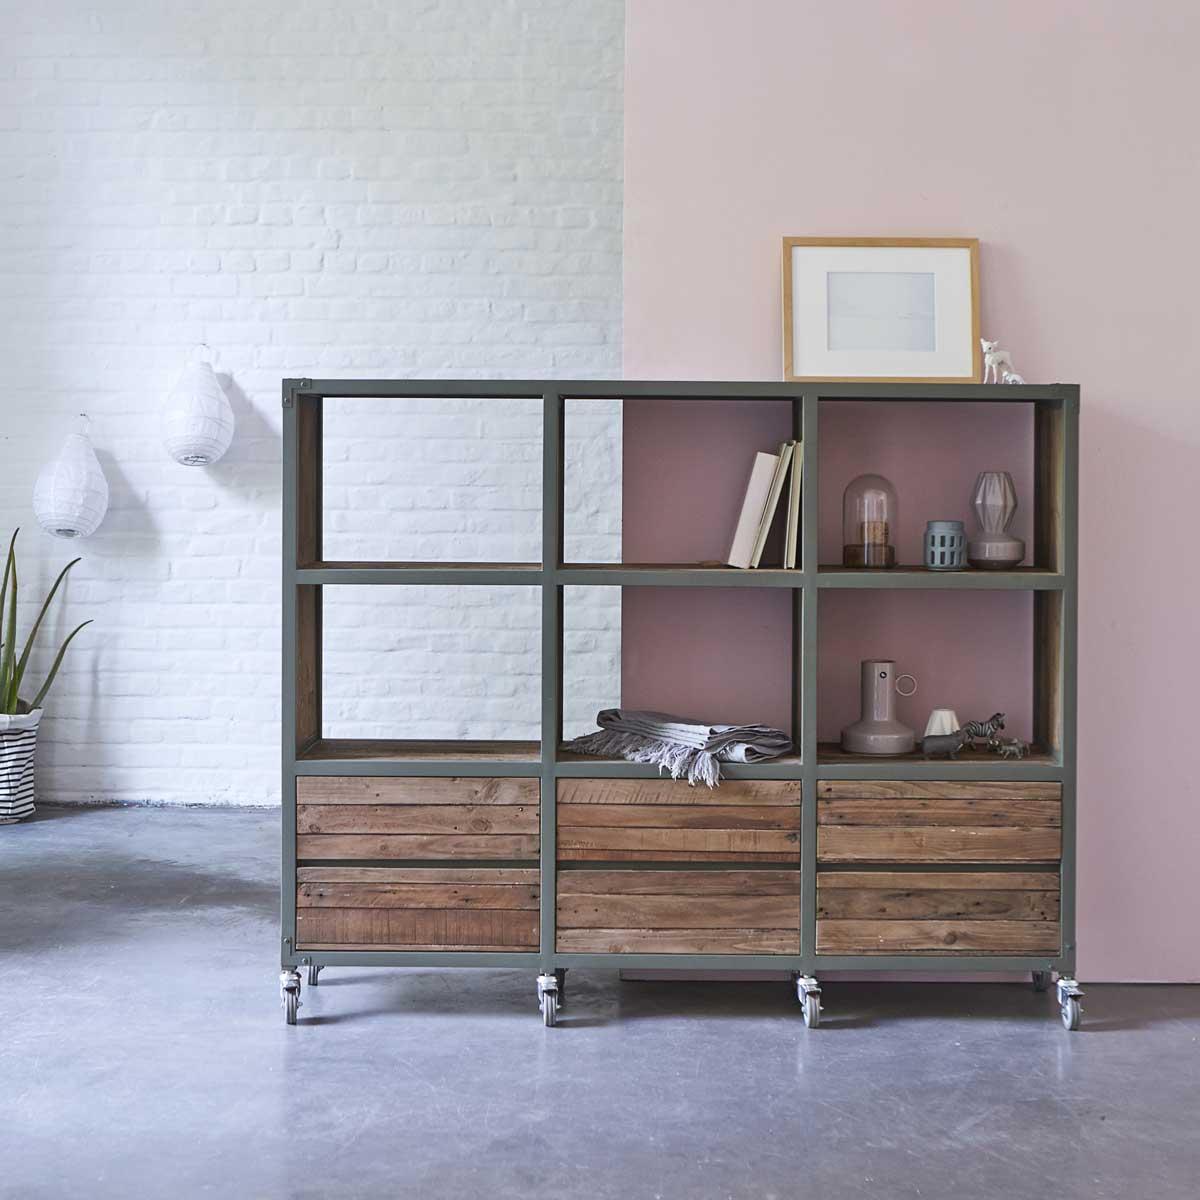 Biblioth que karpenter en m tal gris et en bois - Bibliotheque bois metal ...